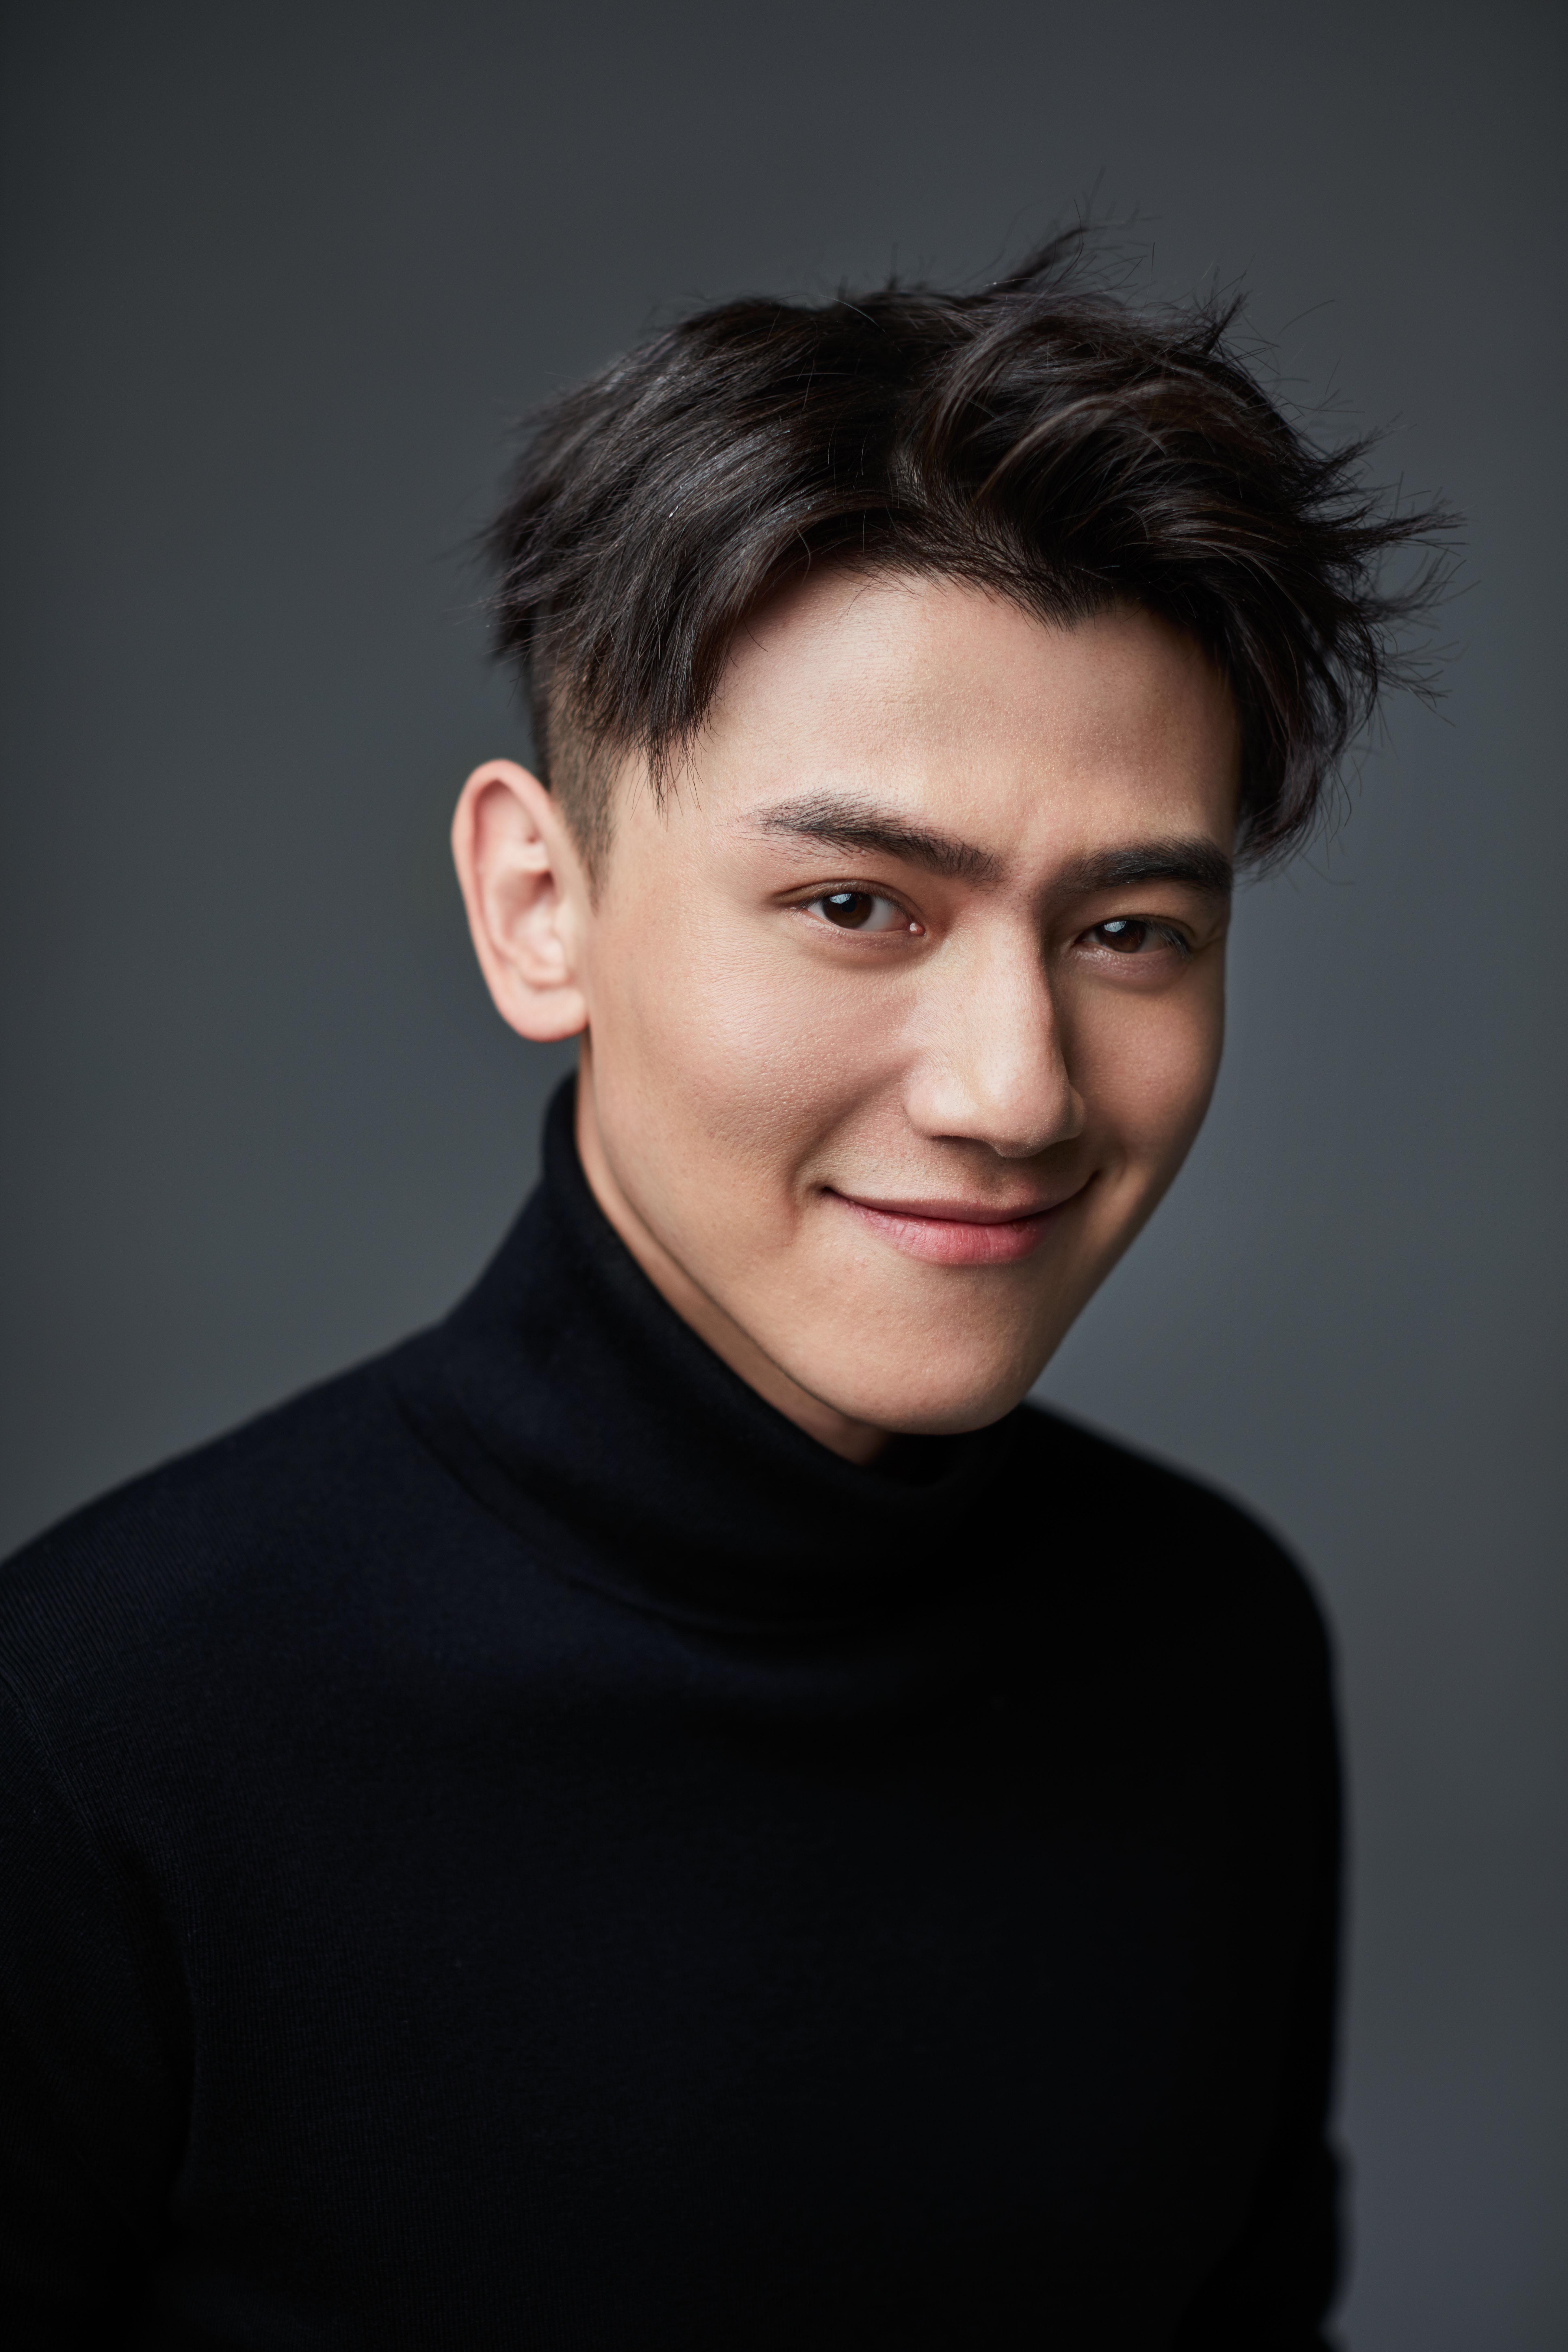 bobapp下载:蔡雅同赫雷刘昊加盟东申未来